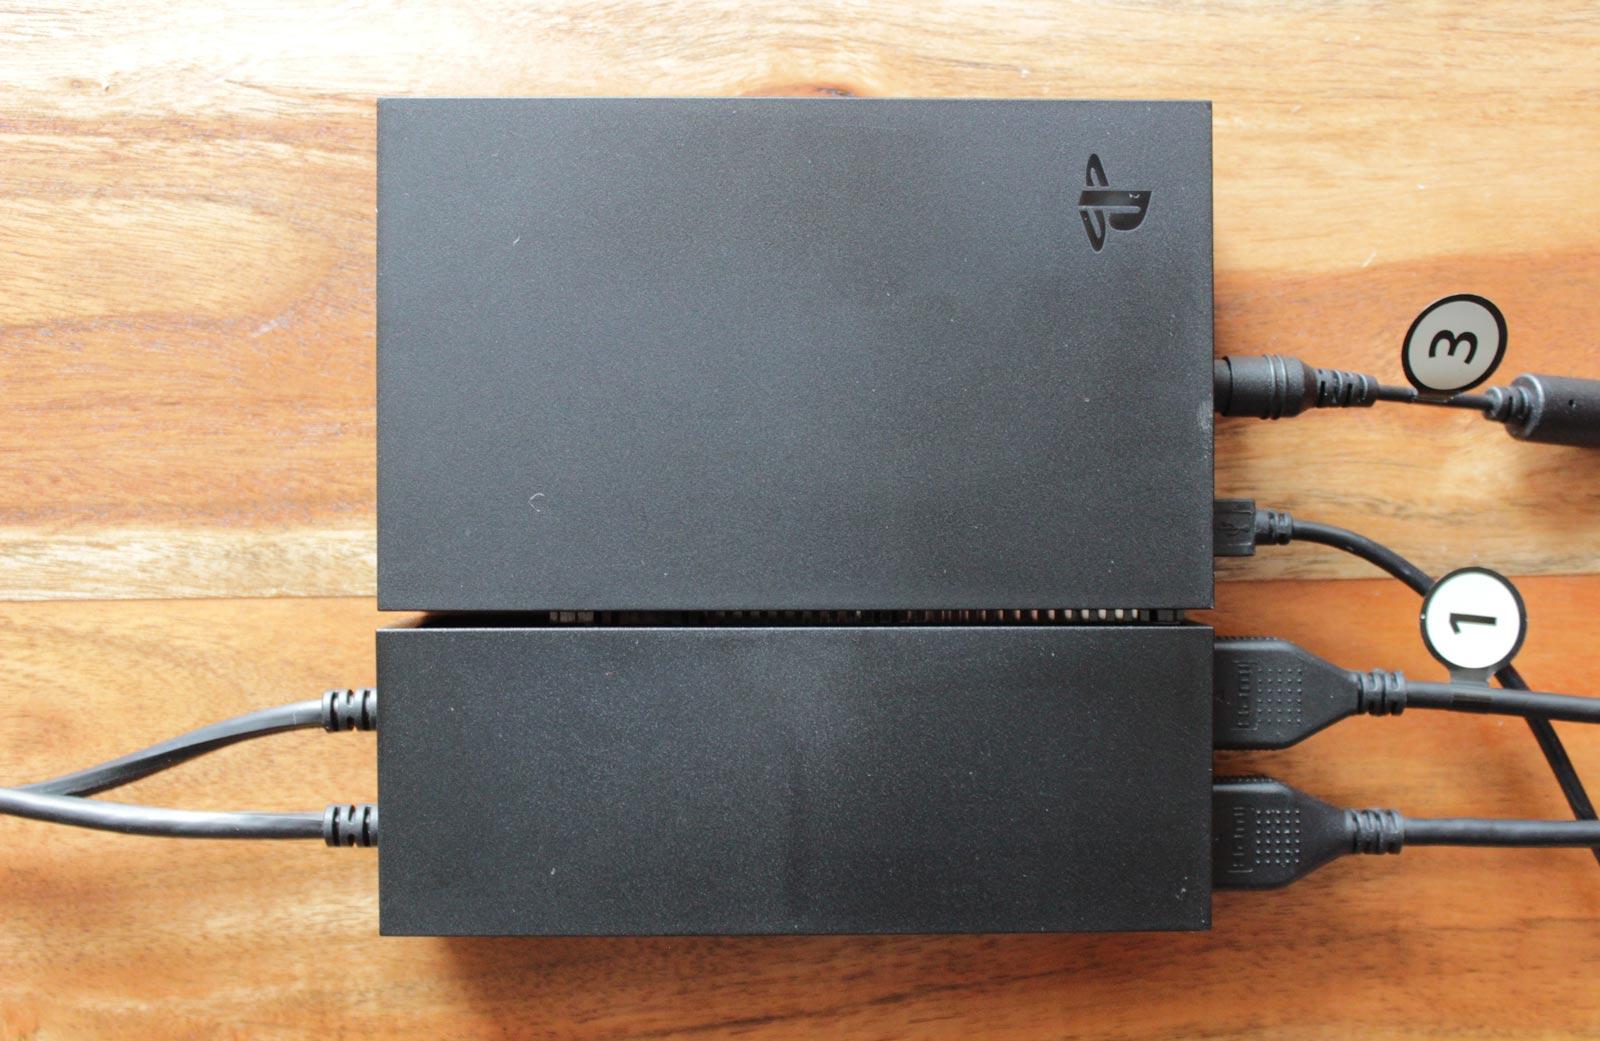 Si le processeur peut être dissimulé, son câble USB sera toujours visible devant la console.